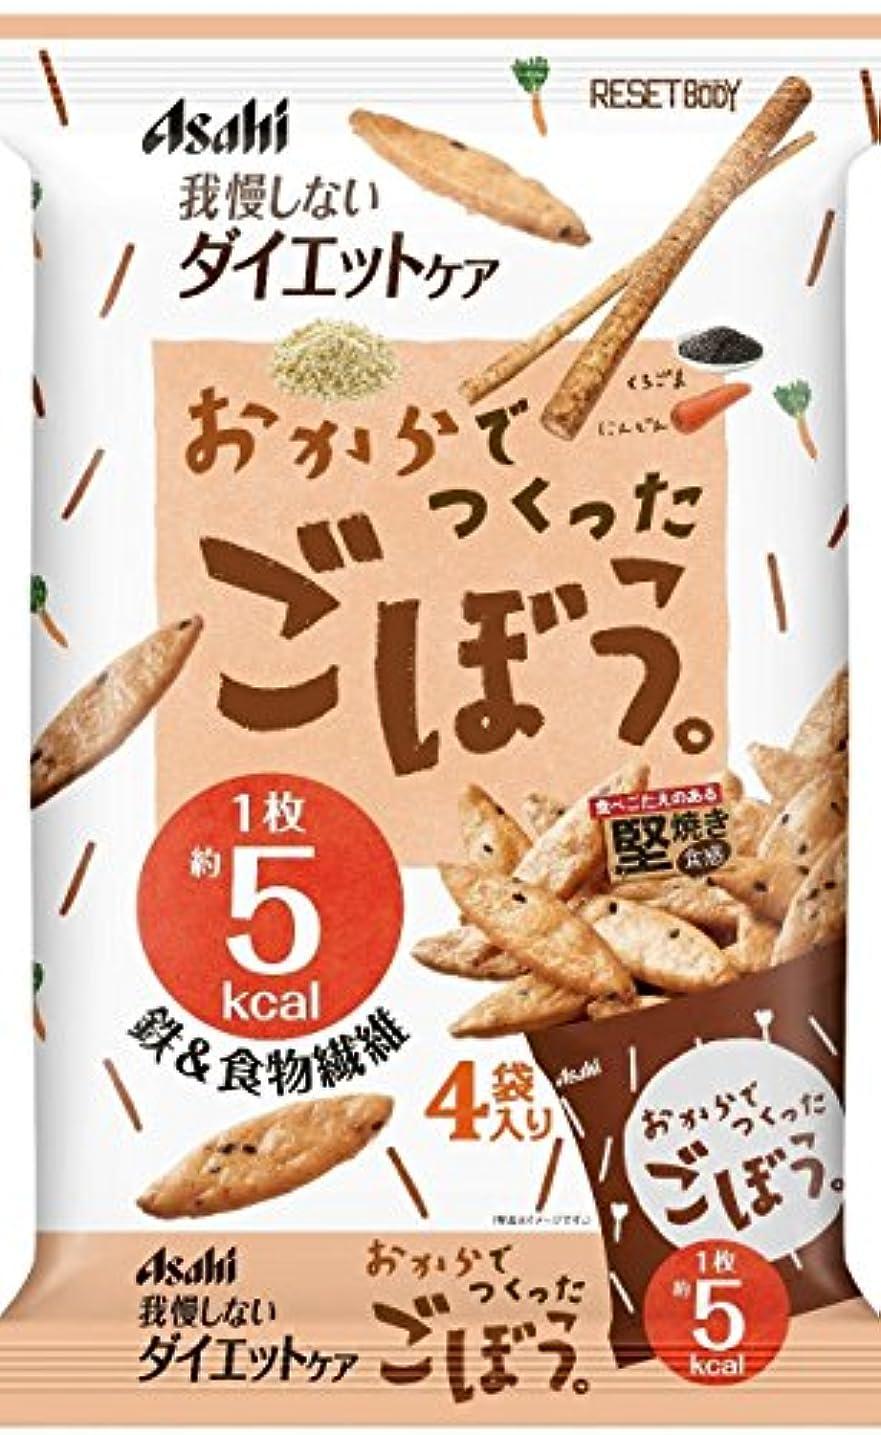 反発する審判支配的アサヒグループ食品 リセットボディ ごぼう 88g (22g×4包)